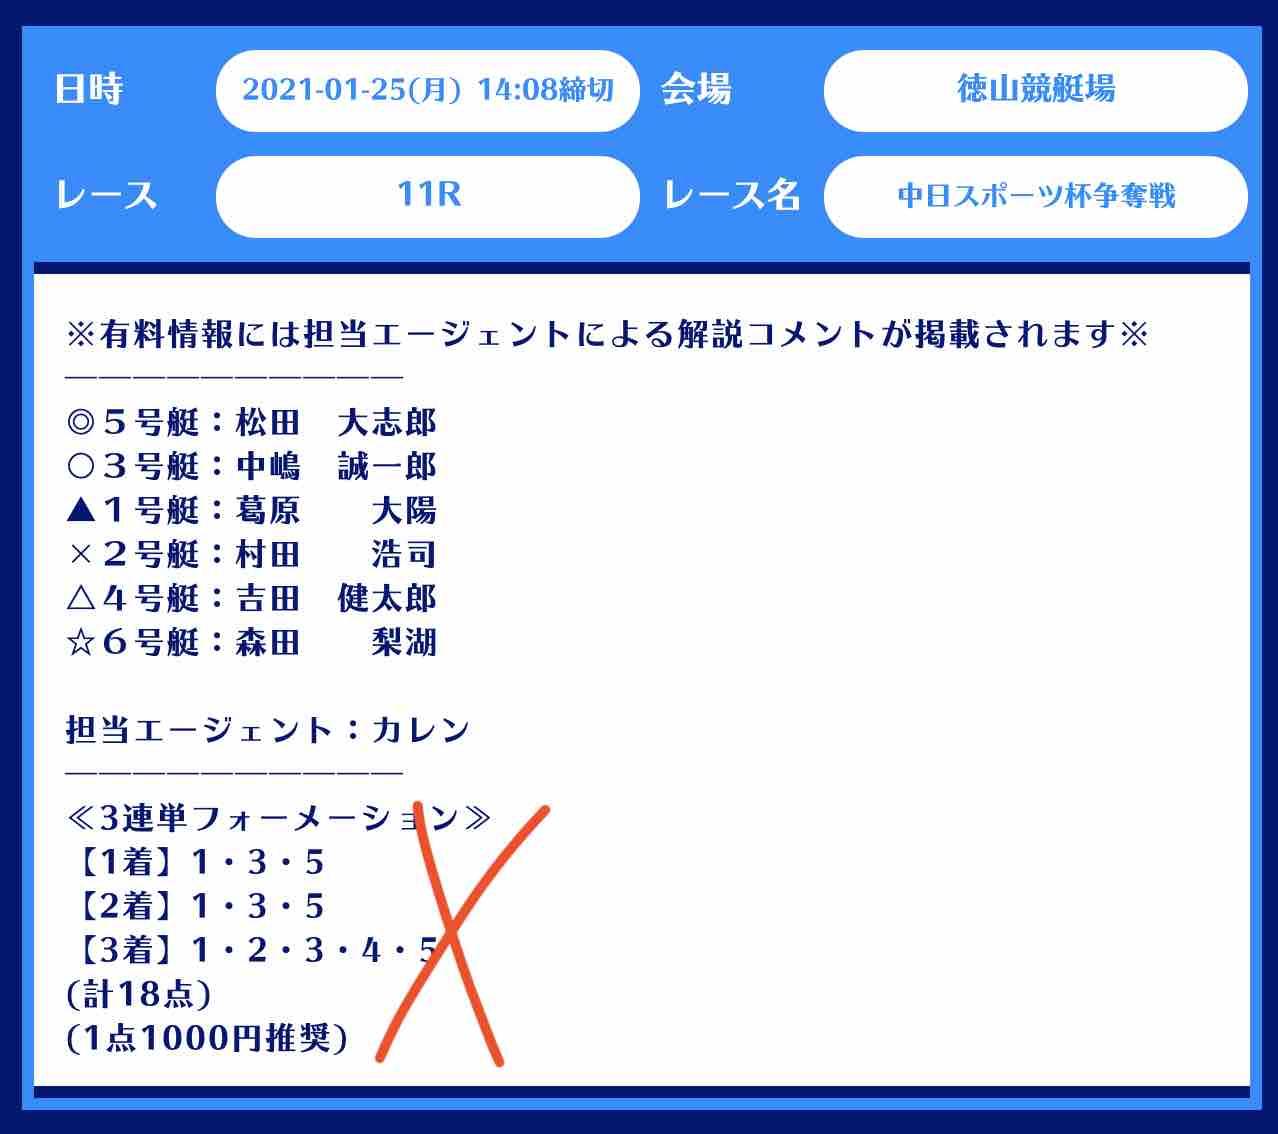 舟生という競艇予想サイトの無料予想(無料情報)の抜き打ち検証